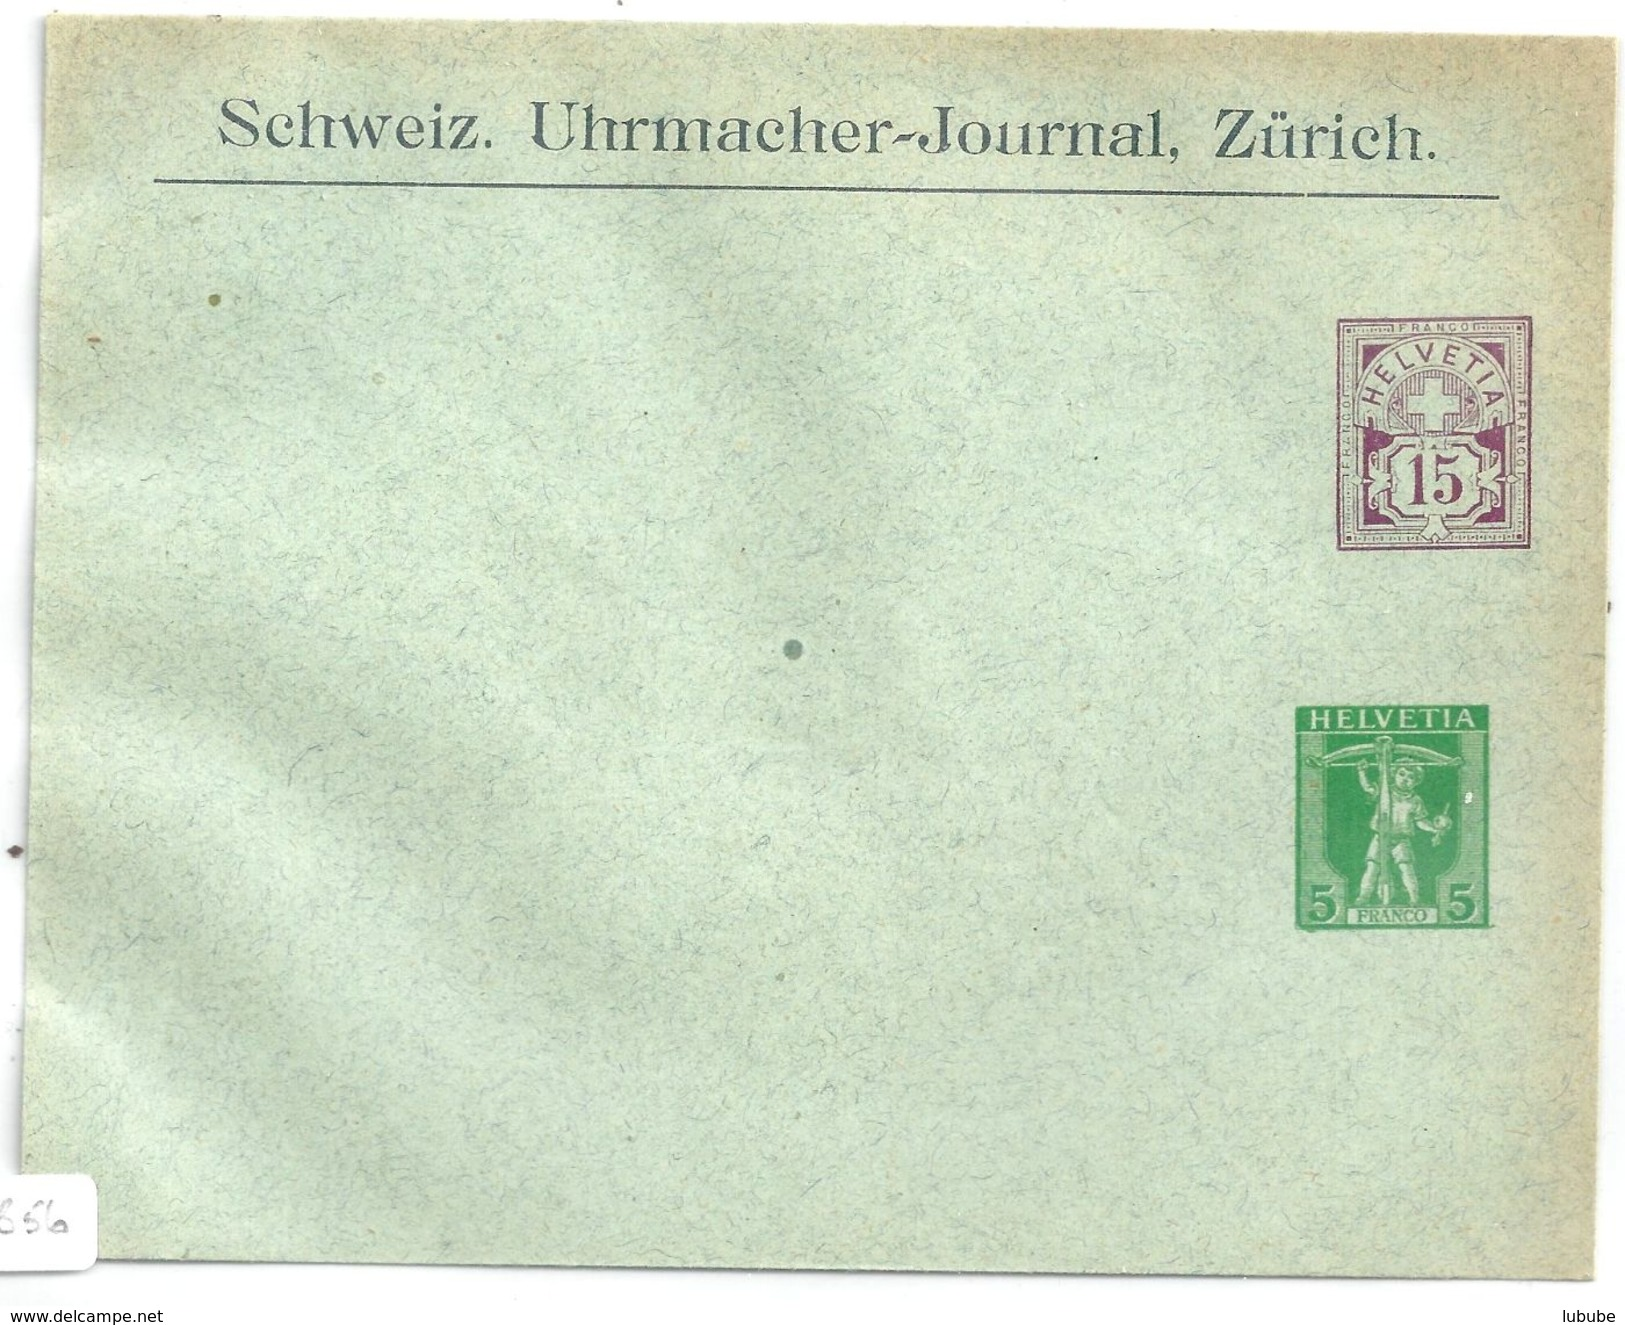 """PrU-210  """"Schweiz. Uhrmacher-Journal, Zürich""""              1907 - Enteros Postales"""